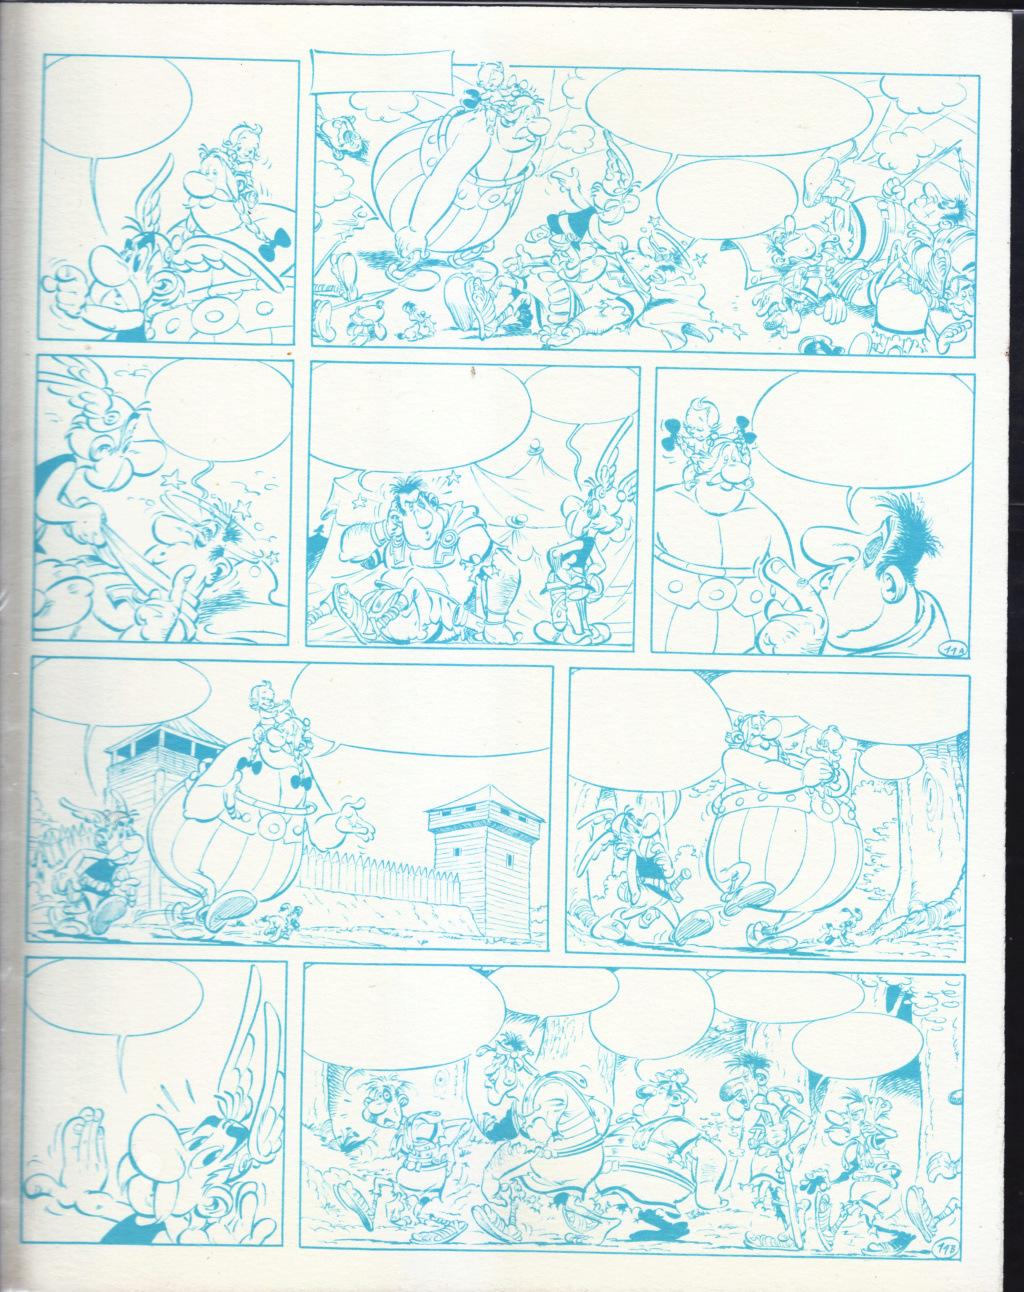 mesraretés ou ce que j'appelle raretés ! - Page 20 1983_b10